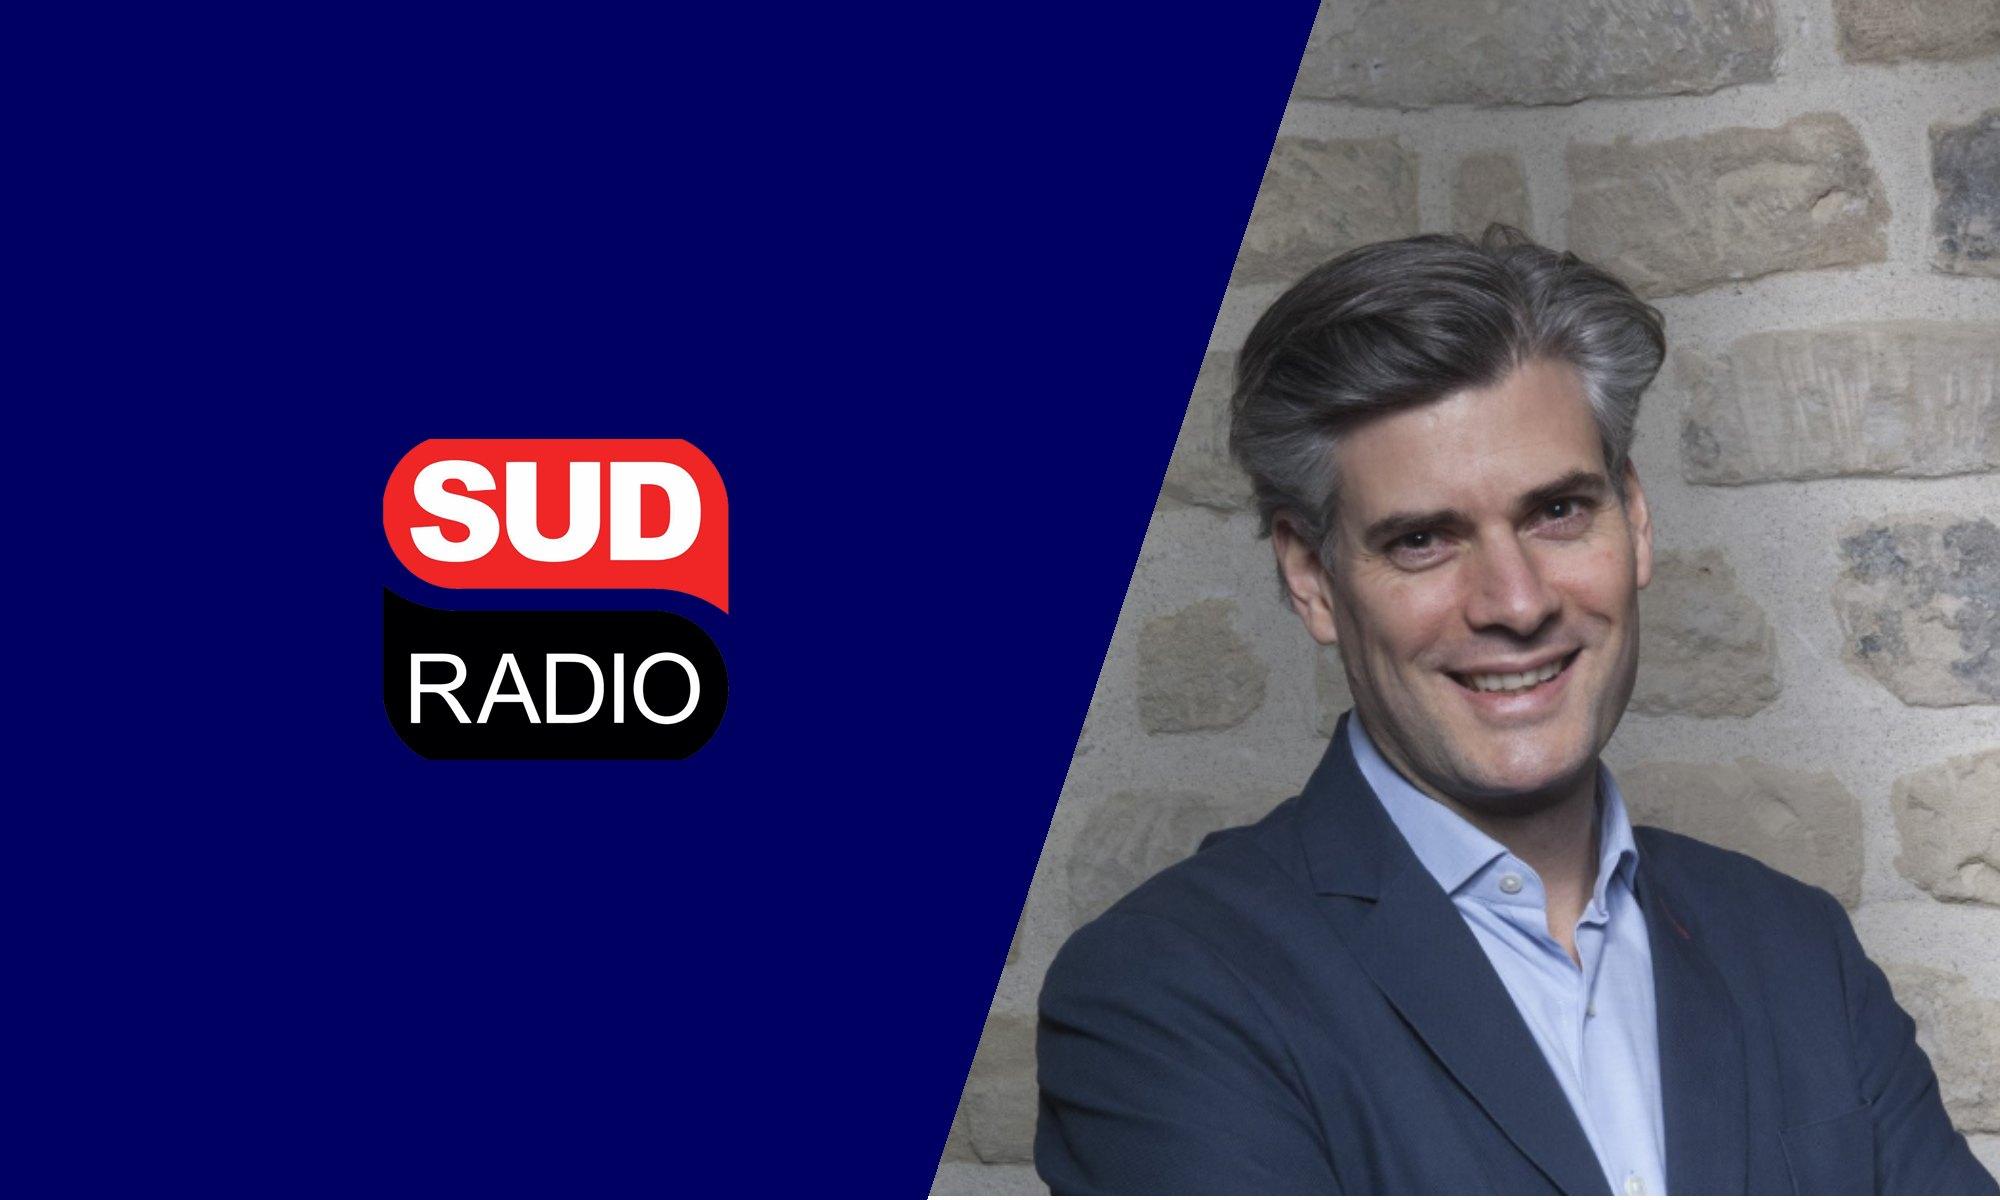 Notre co-fondateur Florian Reinaud en interview sur Sud Radio